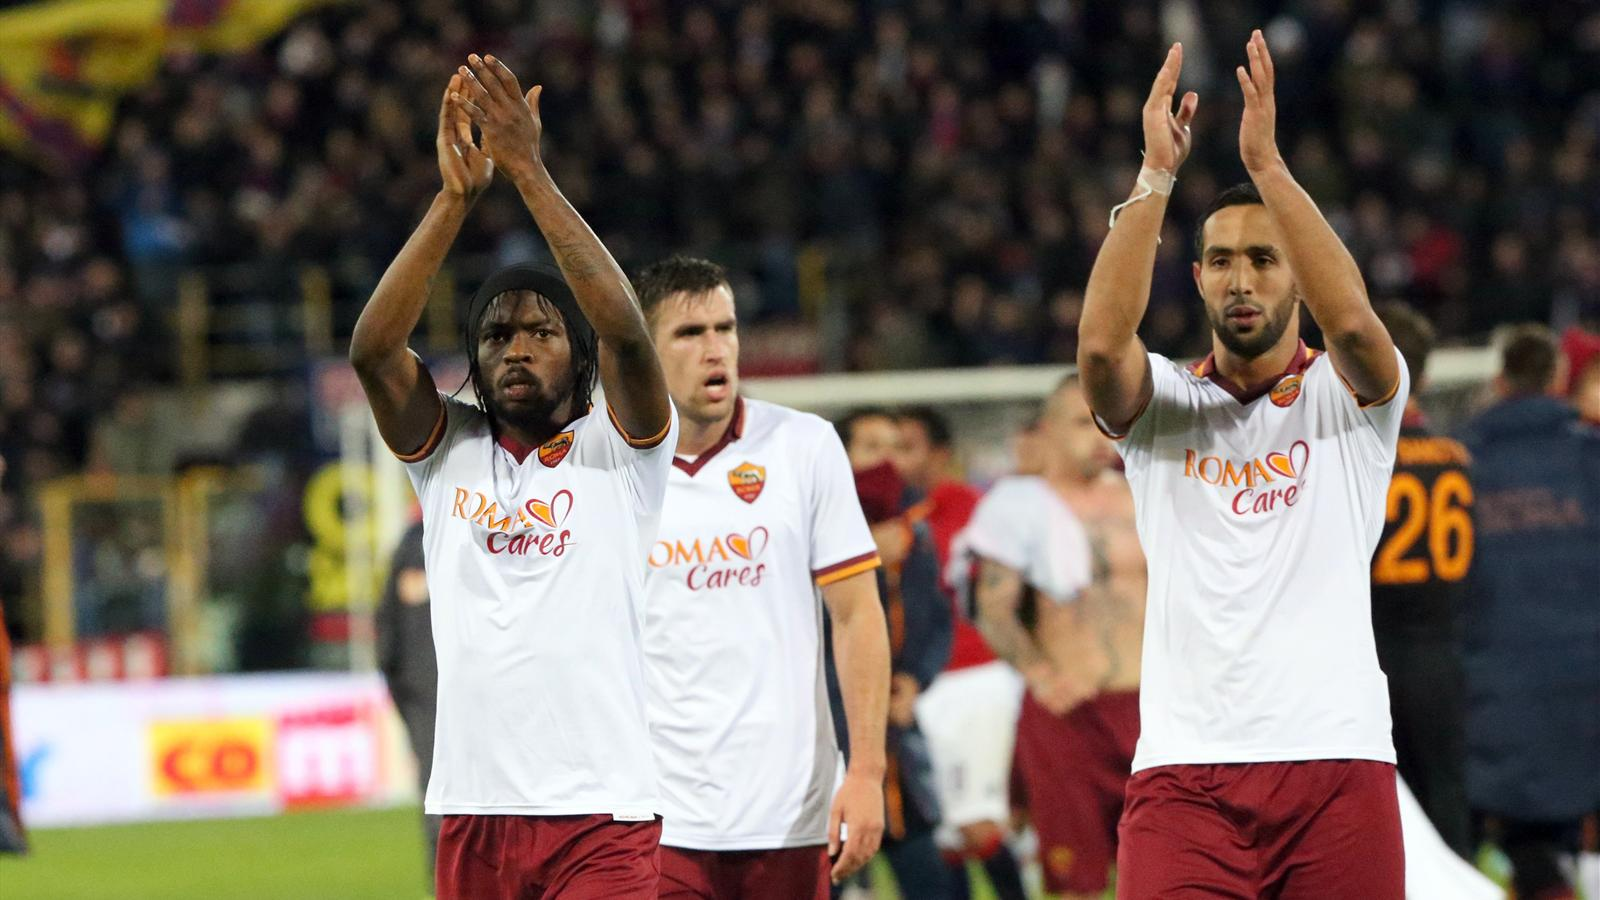 Gervinho et Mehdi Benatia fêtent une victoire de la Roma (saison 2013-2014)